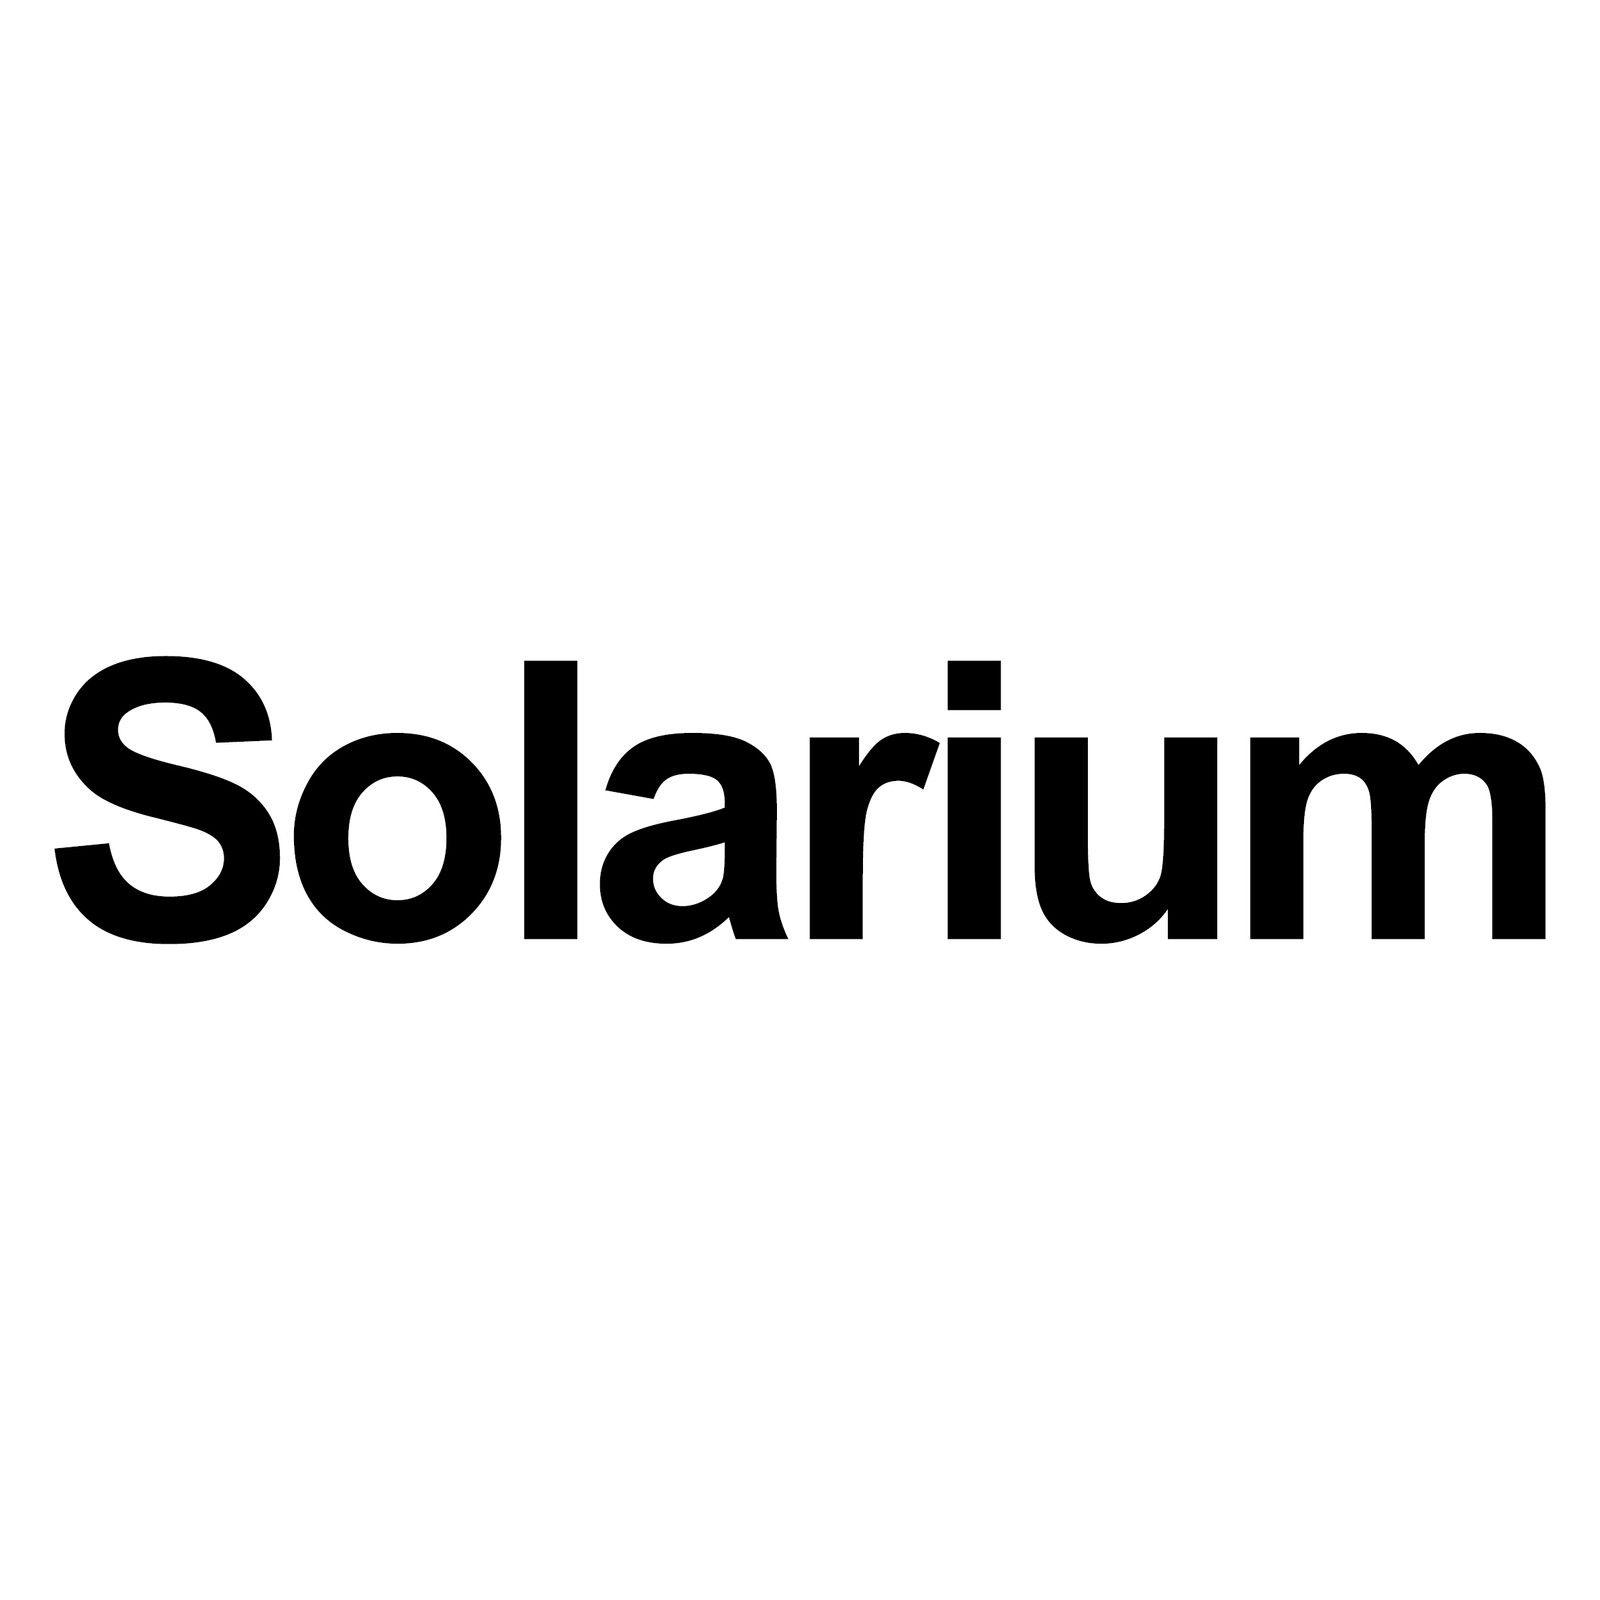 solarium 40cm schwarz aufkleber tattoo folie schriftzug fitness sonnenstudio kaufen bei green it. Black Bedroom Furniture Sets. Home Design Ideas